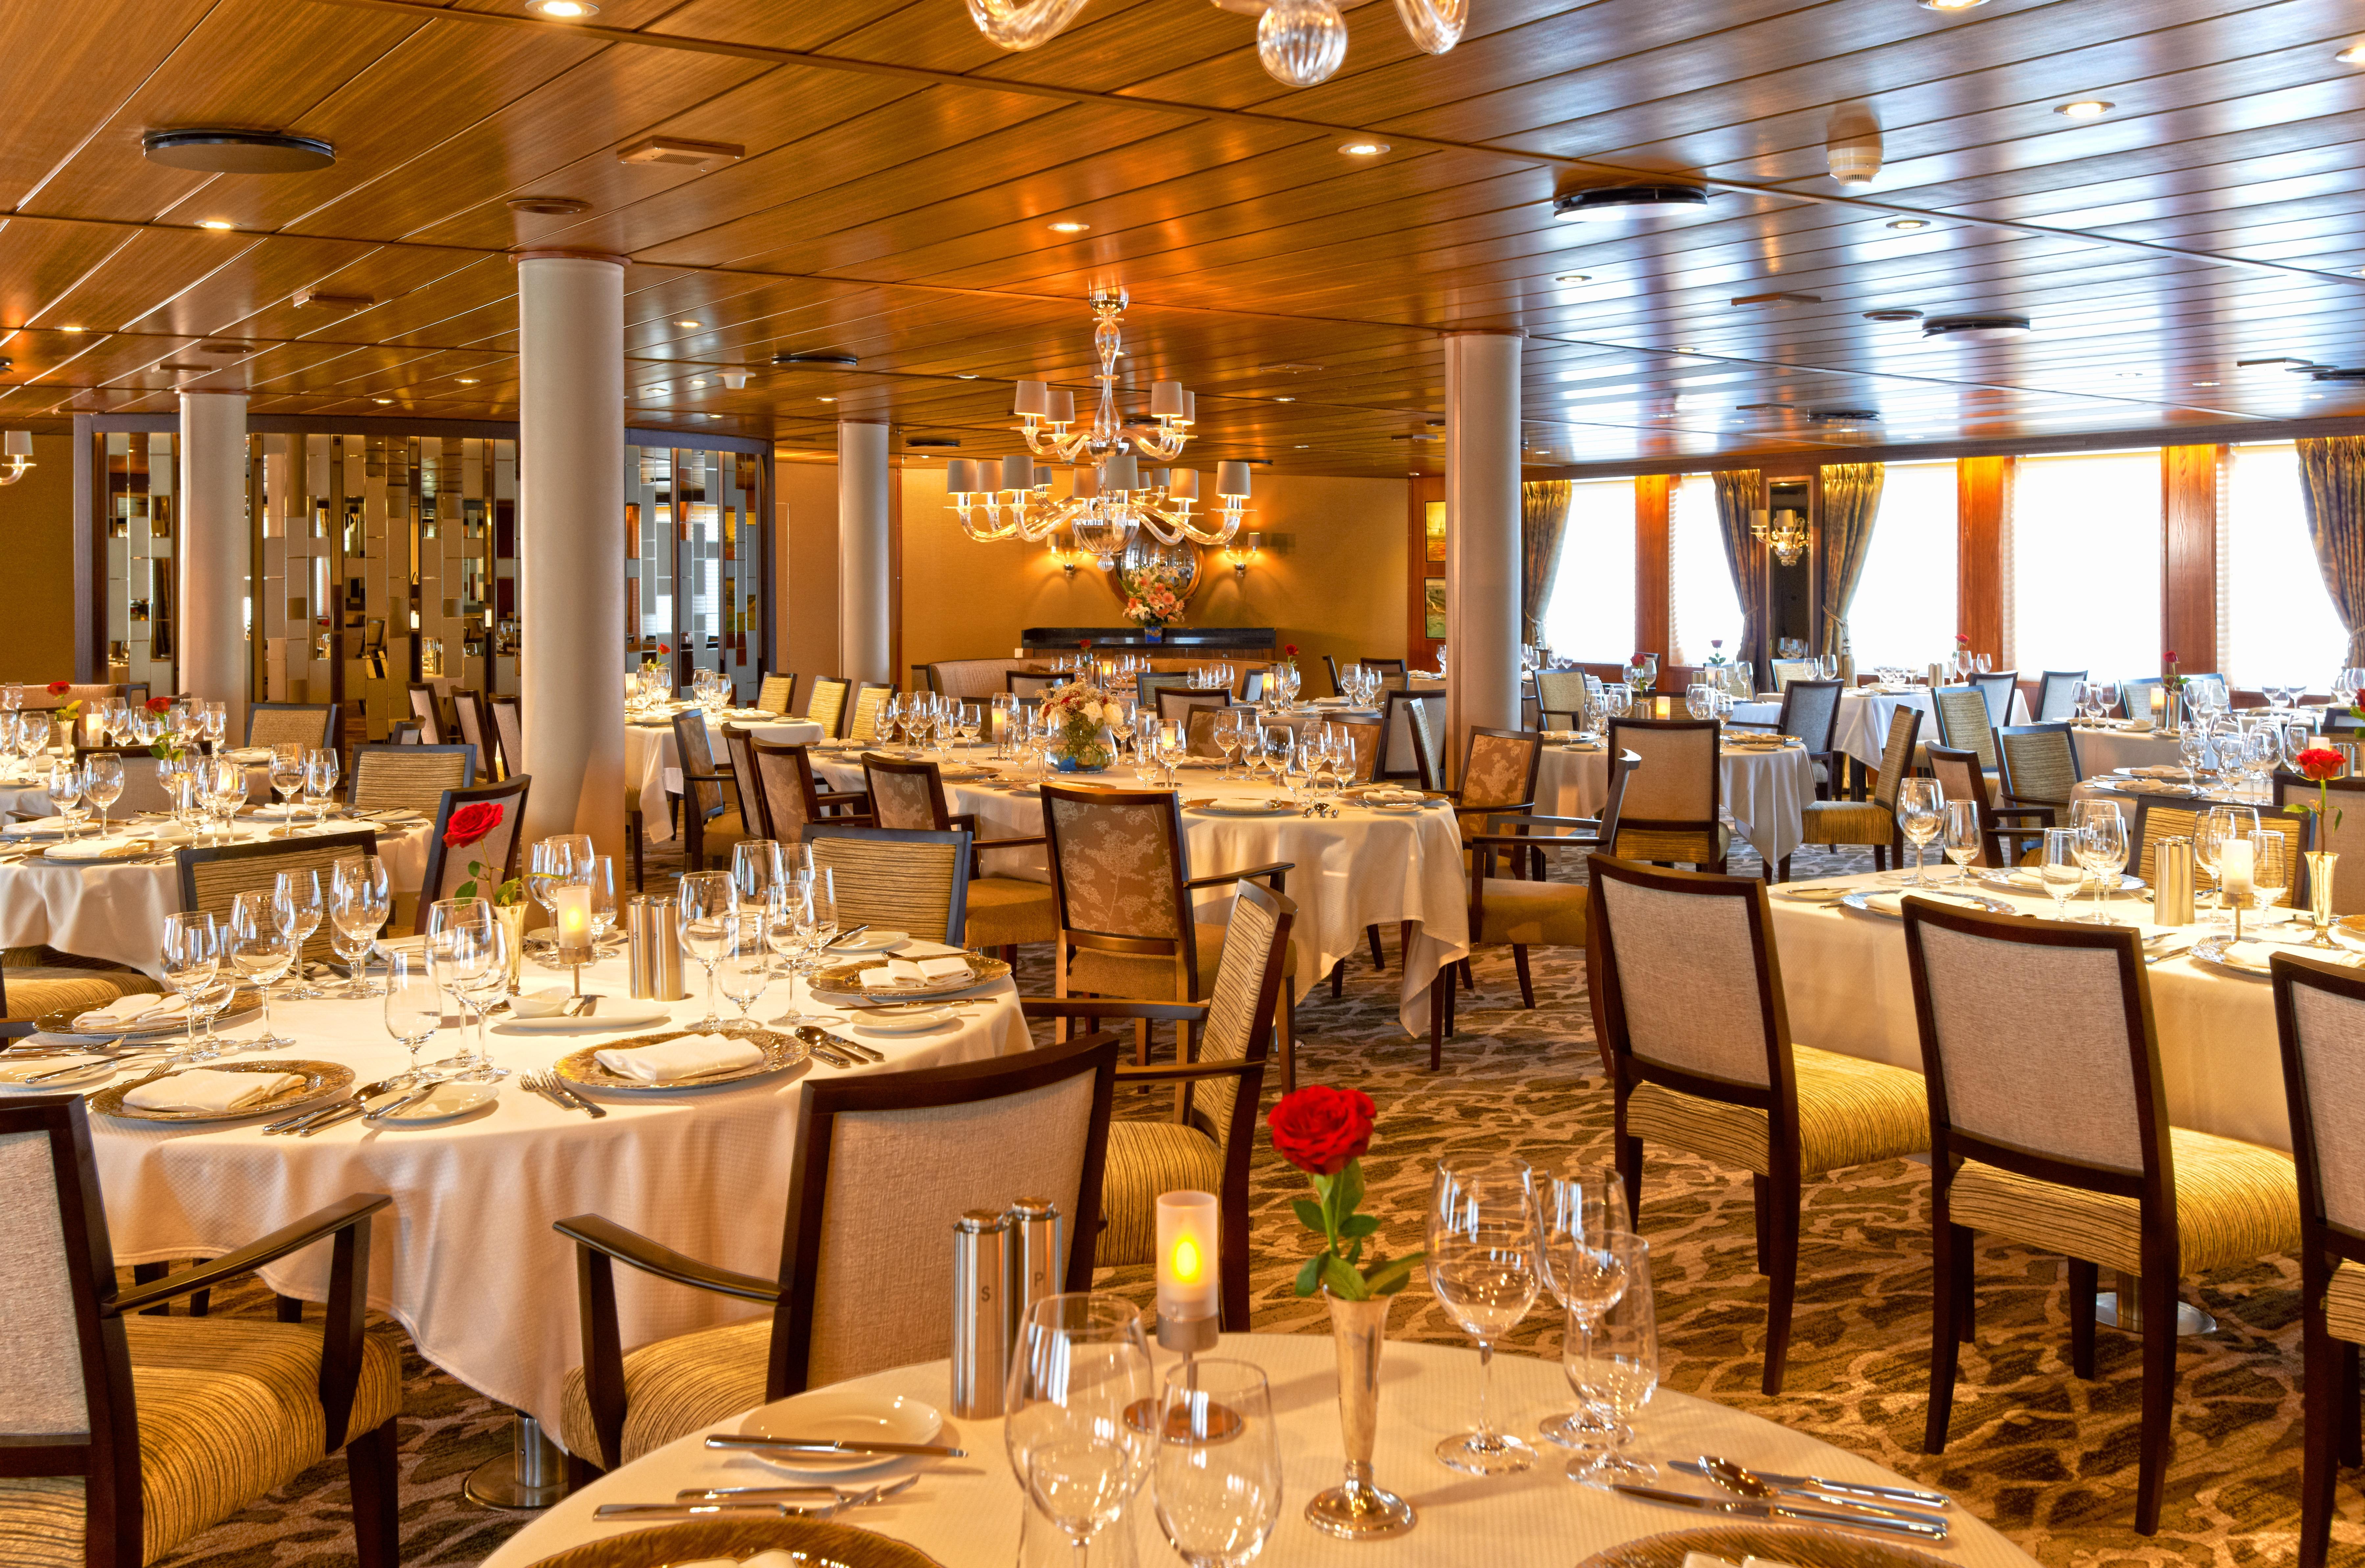 Windstar Wind Star & Wind Spirit Interior AmphorA Restaurant 4.jpg